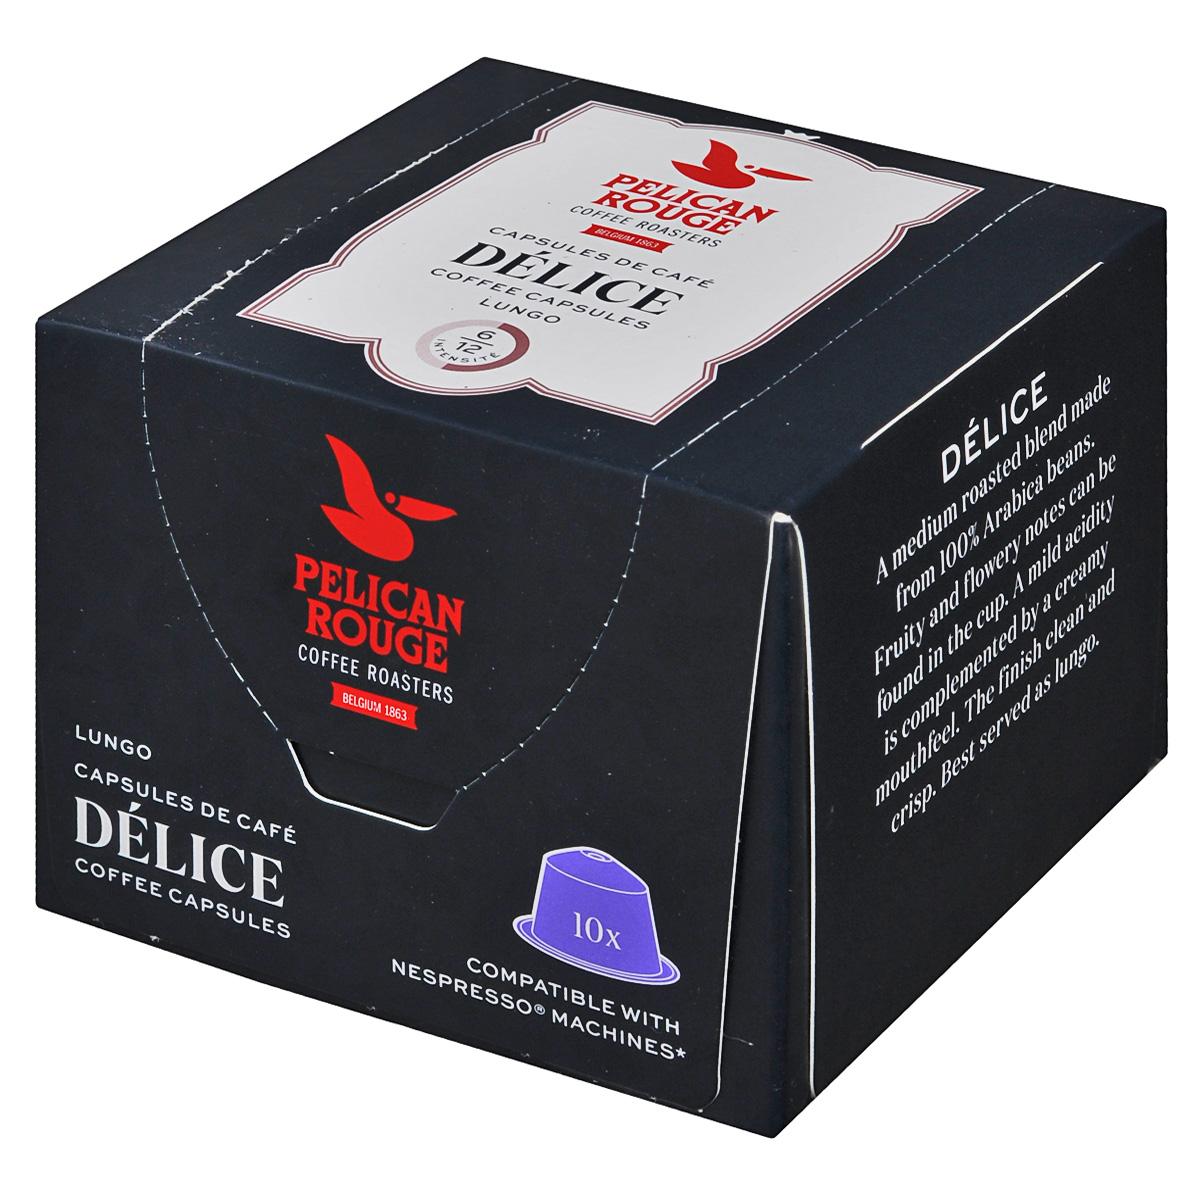 Pelican Rouge Delice кофе в капсулах, 10 шт5410958482004Кофе в капсулах Pelican Rouge Delice имеет утонченный вкус с оттенками карамели. Кофе средней обжарки характеризуется акцентом на фруктовый вкус с легкой кислинкой.